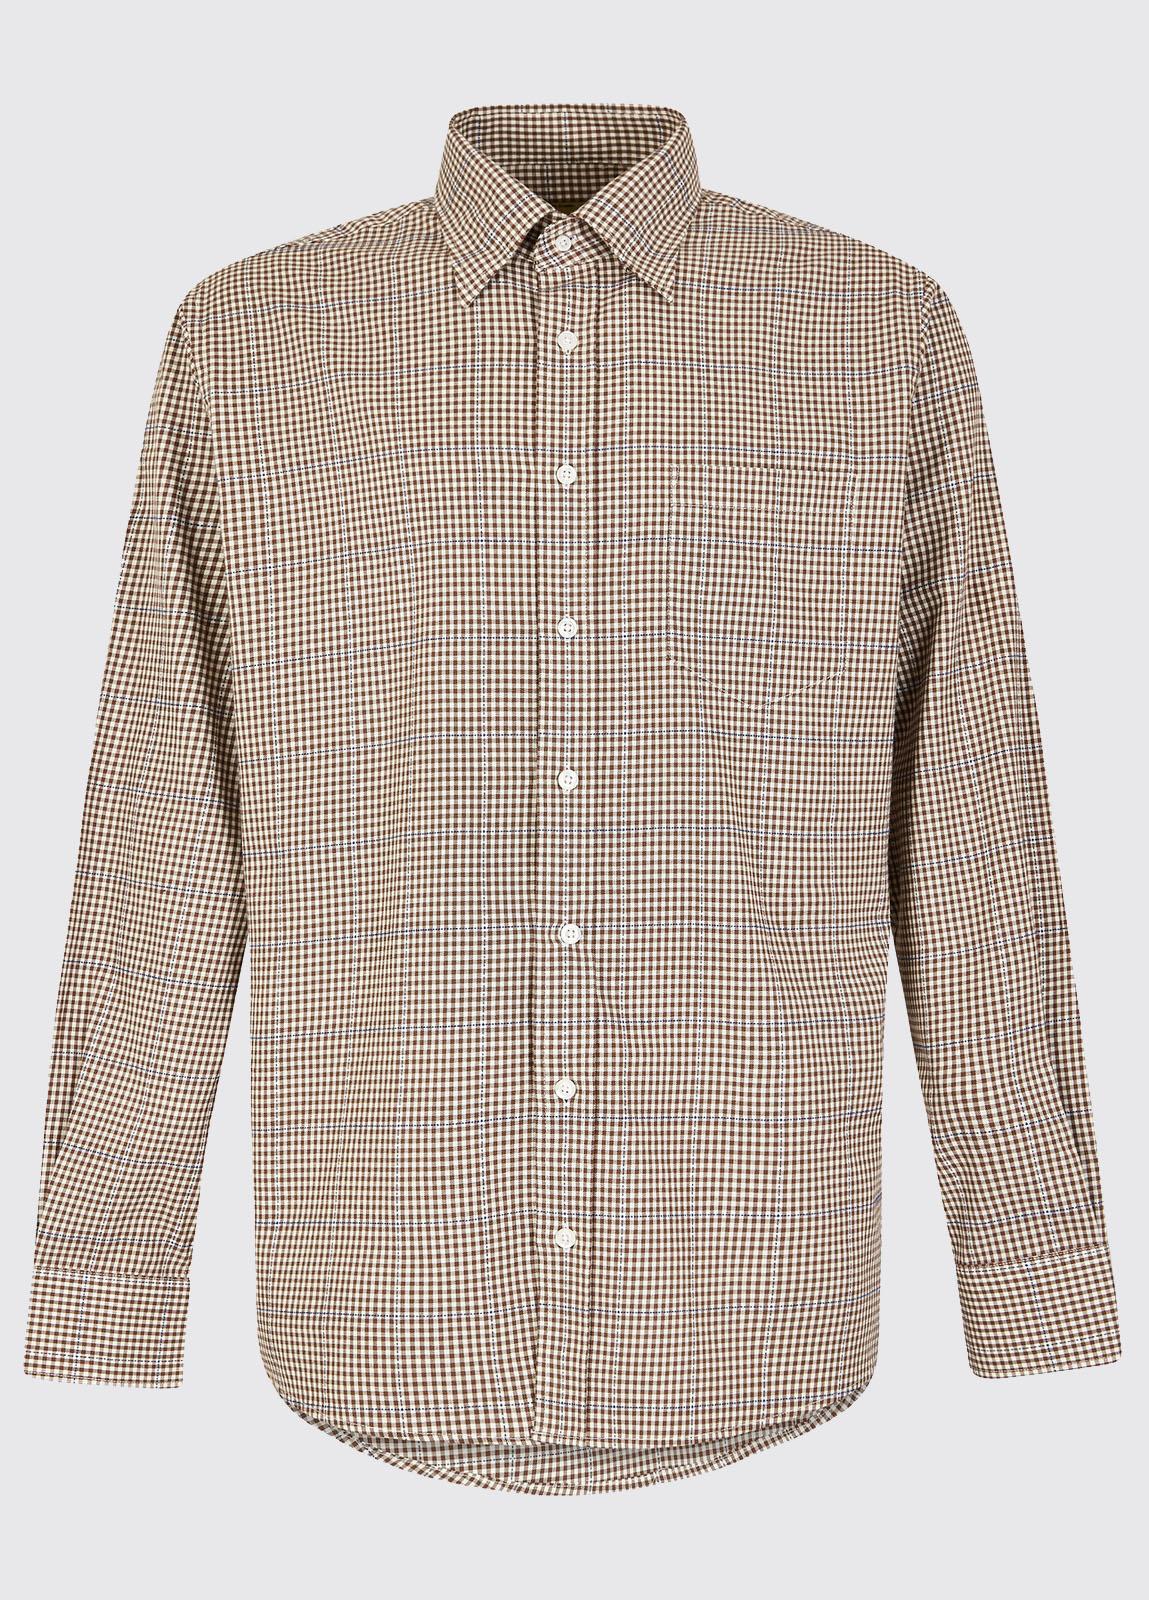 Whitegate Shirt - Cigar